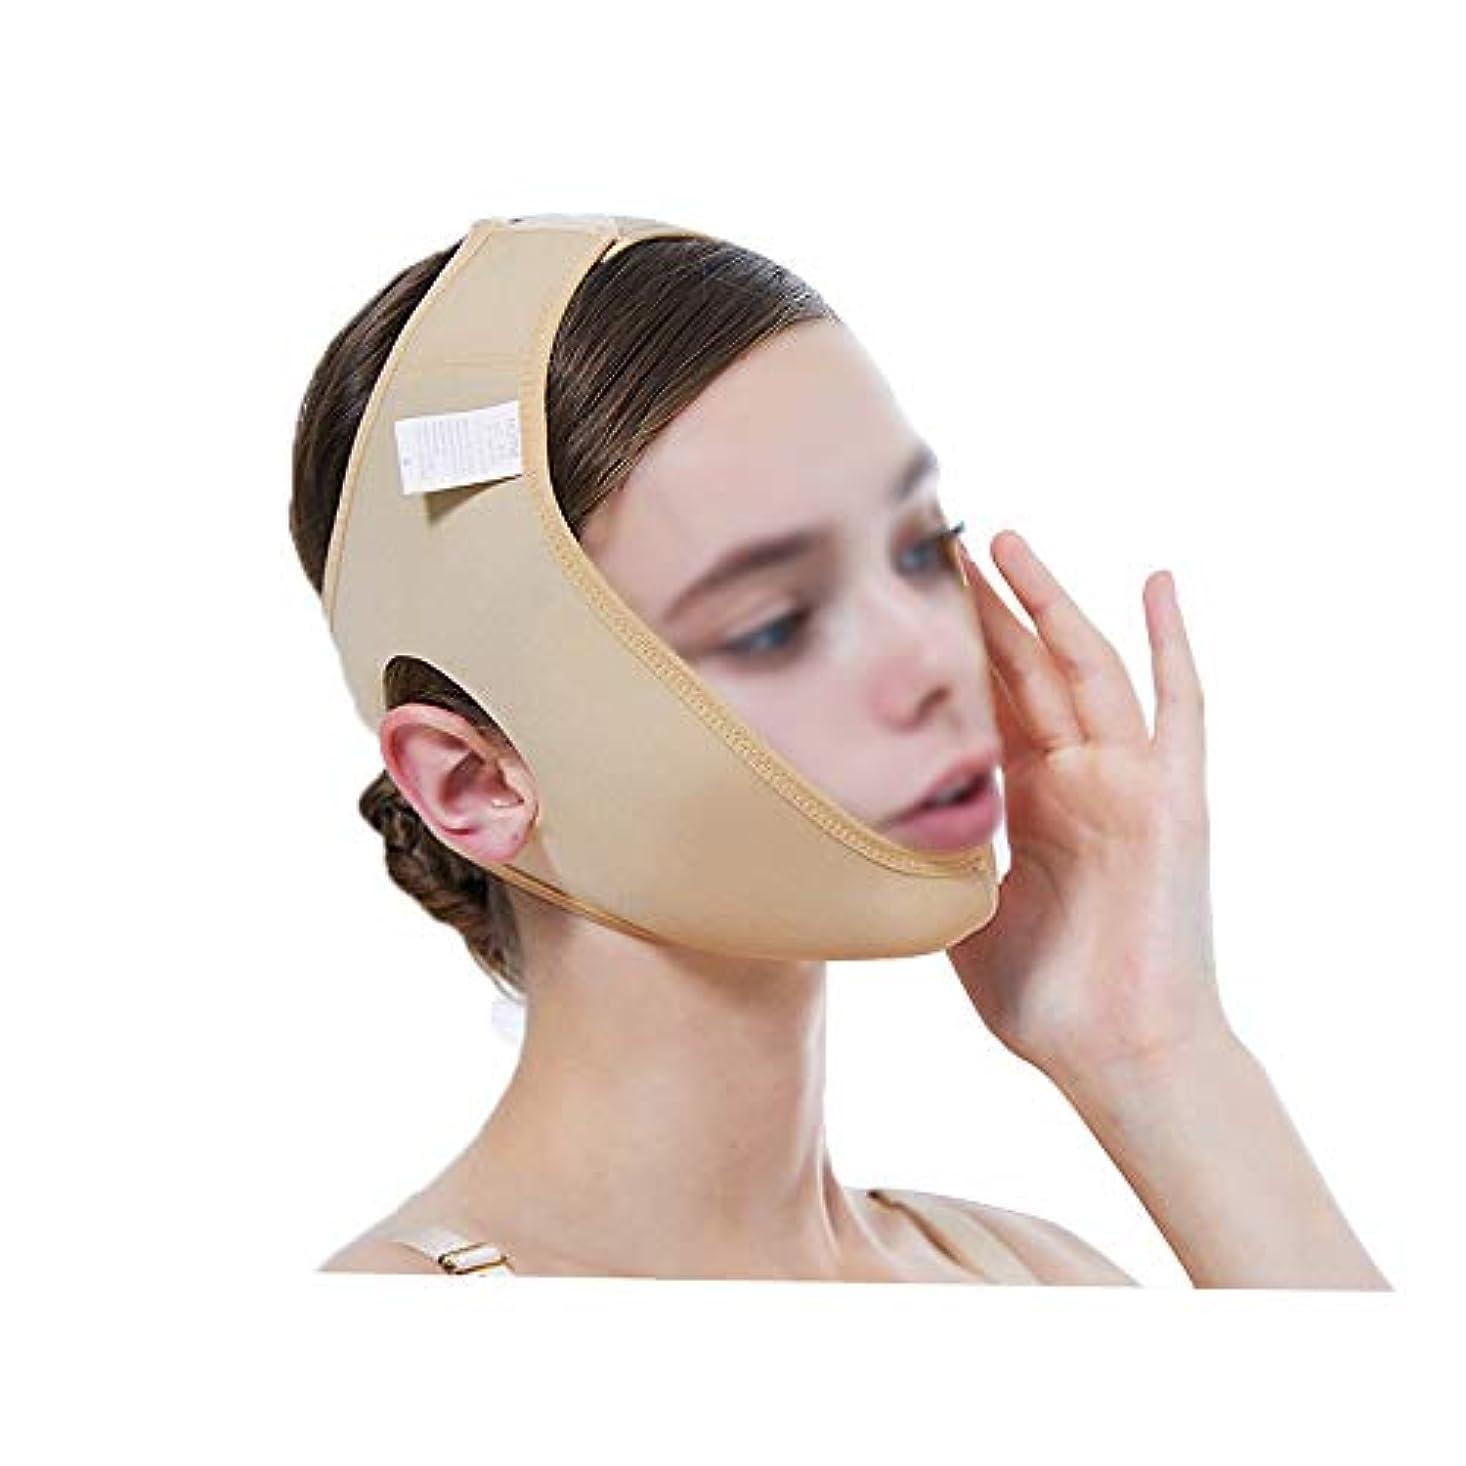 スパン学習剪断GLJJQMY フェイシャルとネックリフト減量ヘッドシンダブルチンアーティファクトVフェイシャルビームフェイシャルジョーセットマスク 顔用整形マスク (Size : XS)